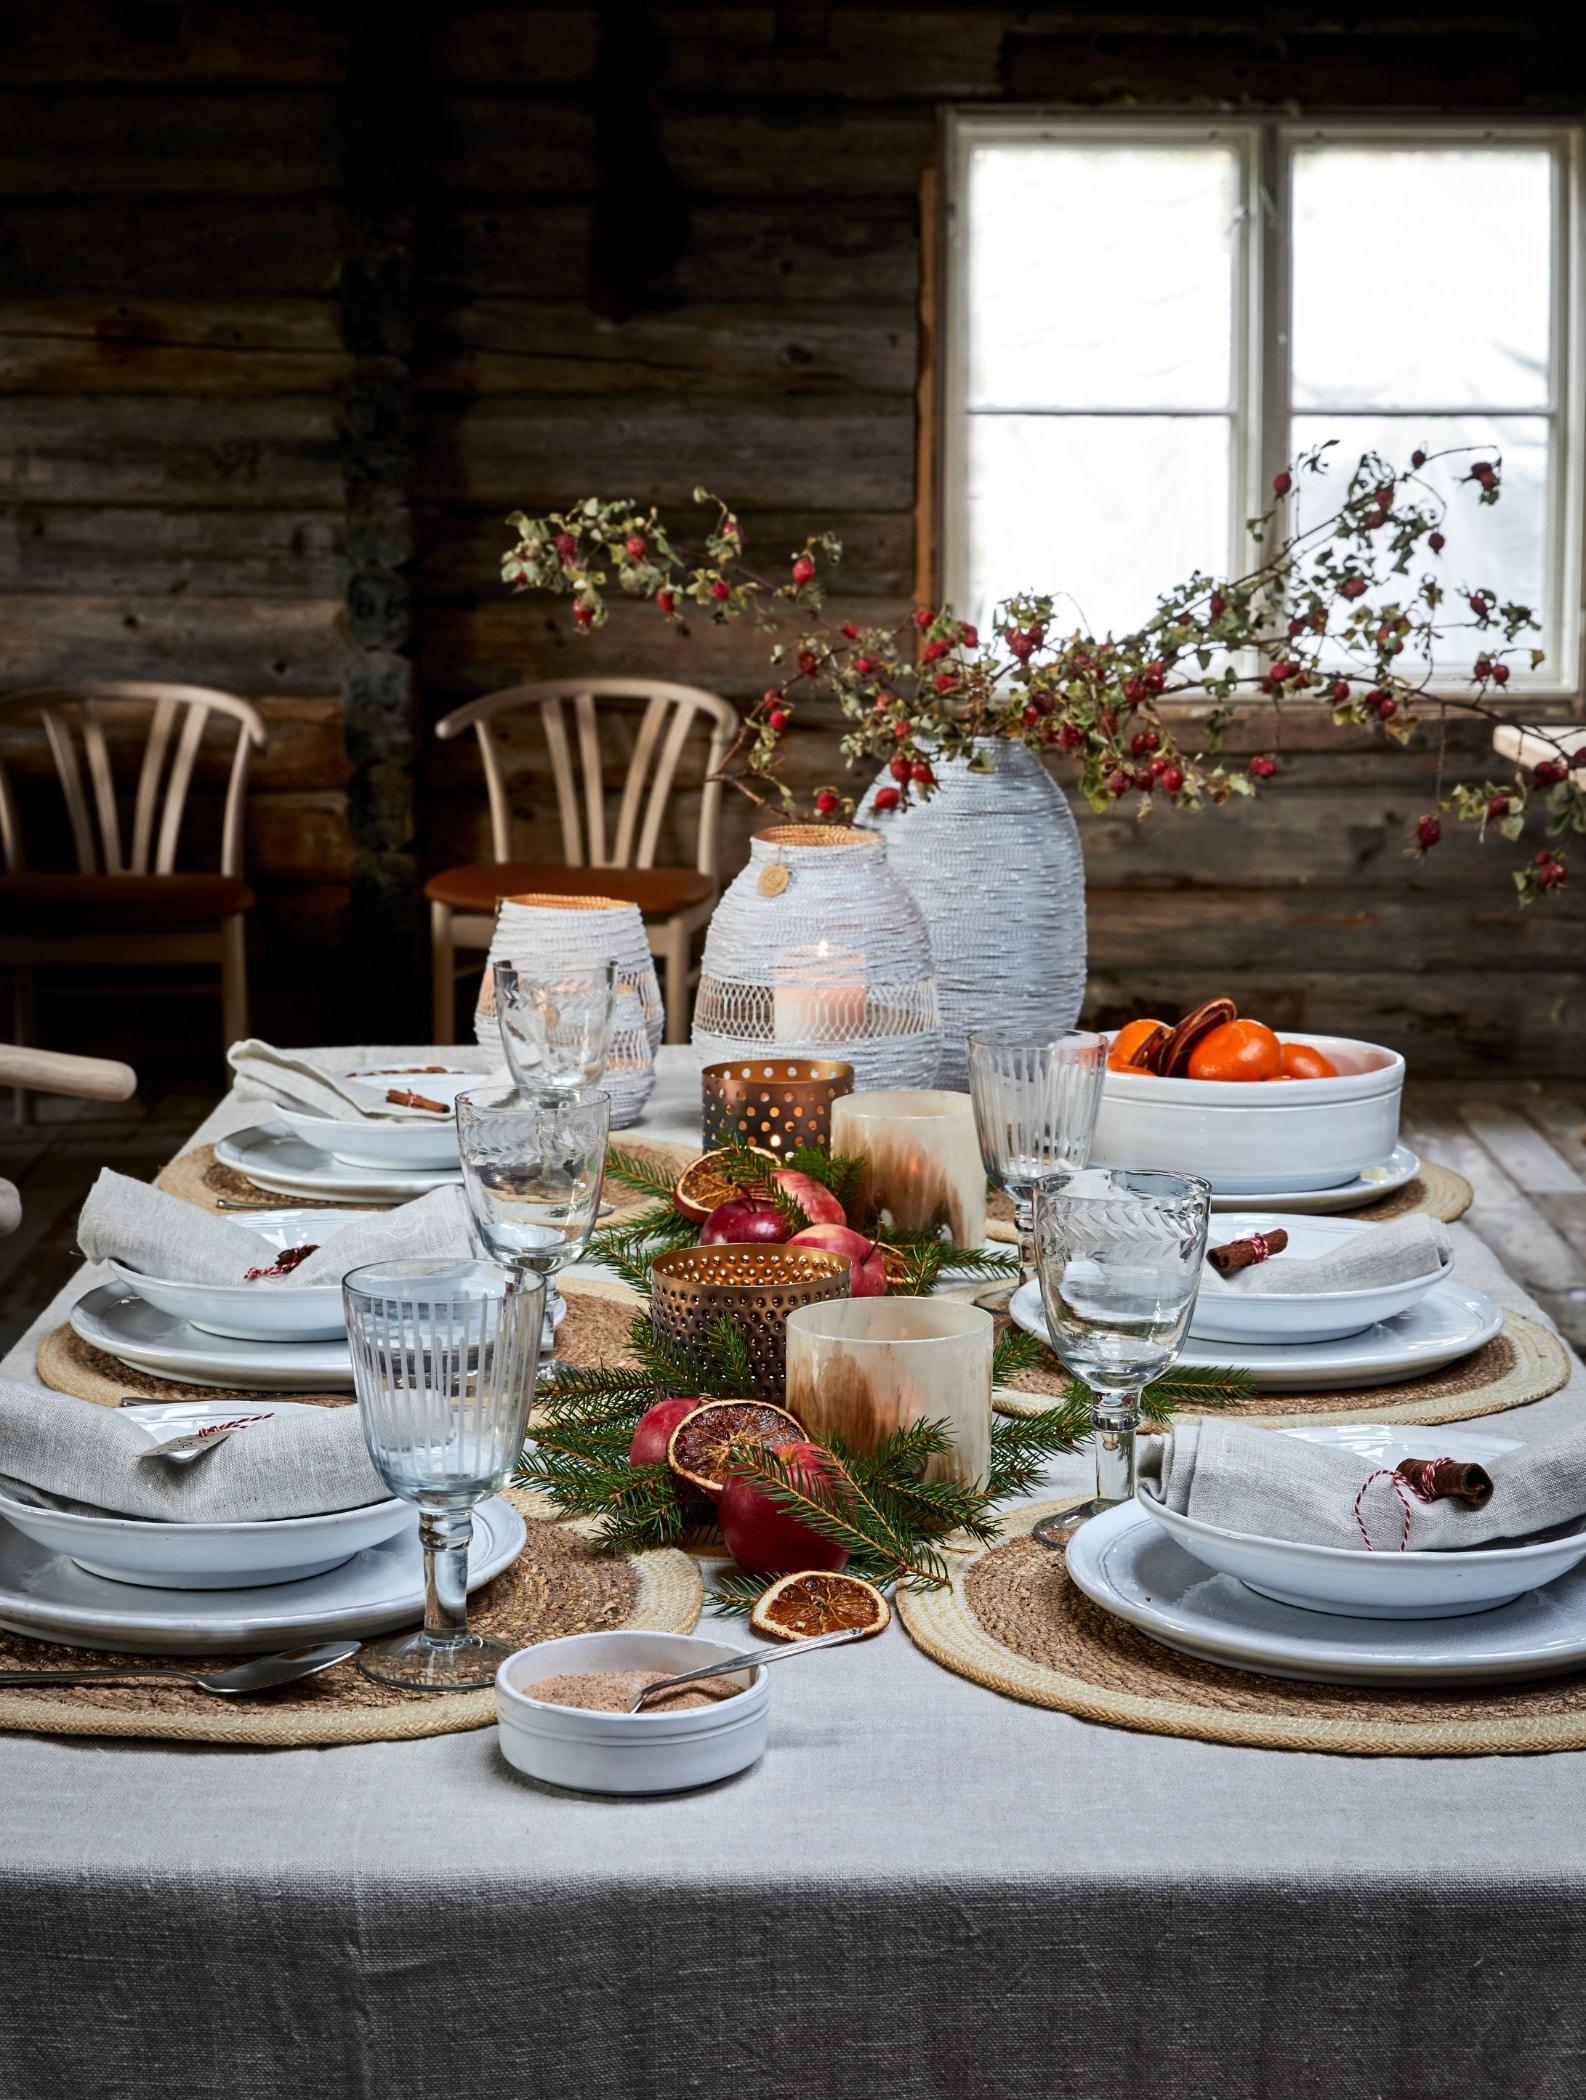 Furniture, Brunch, Meal, Table